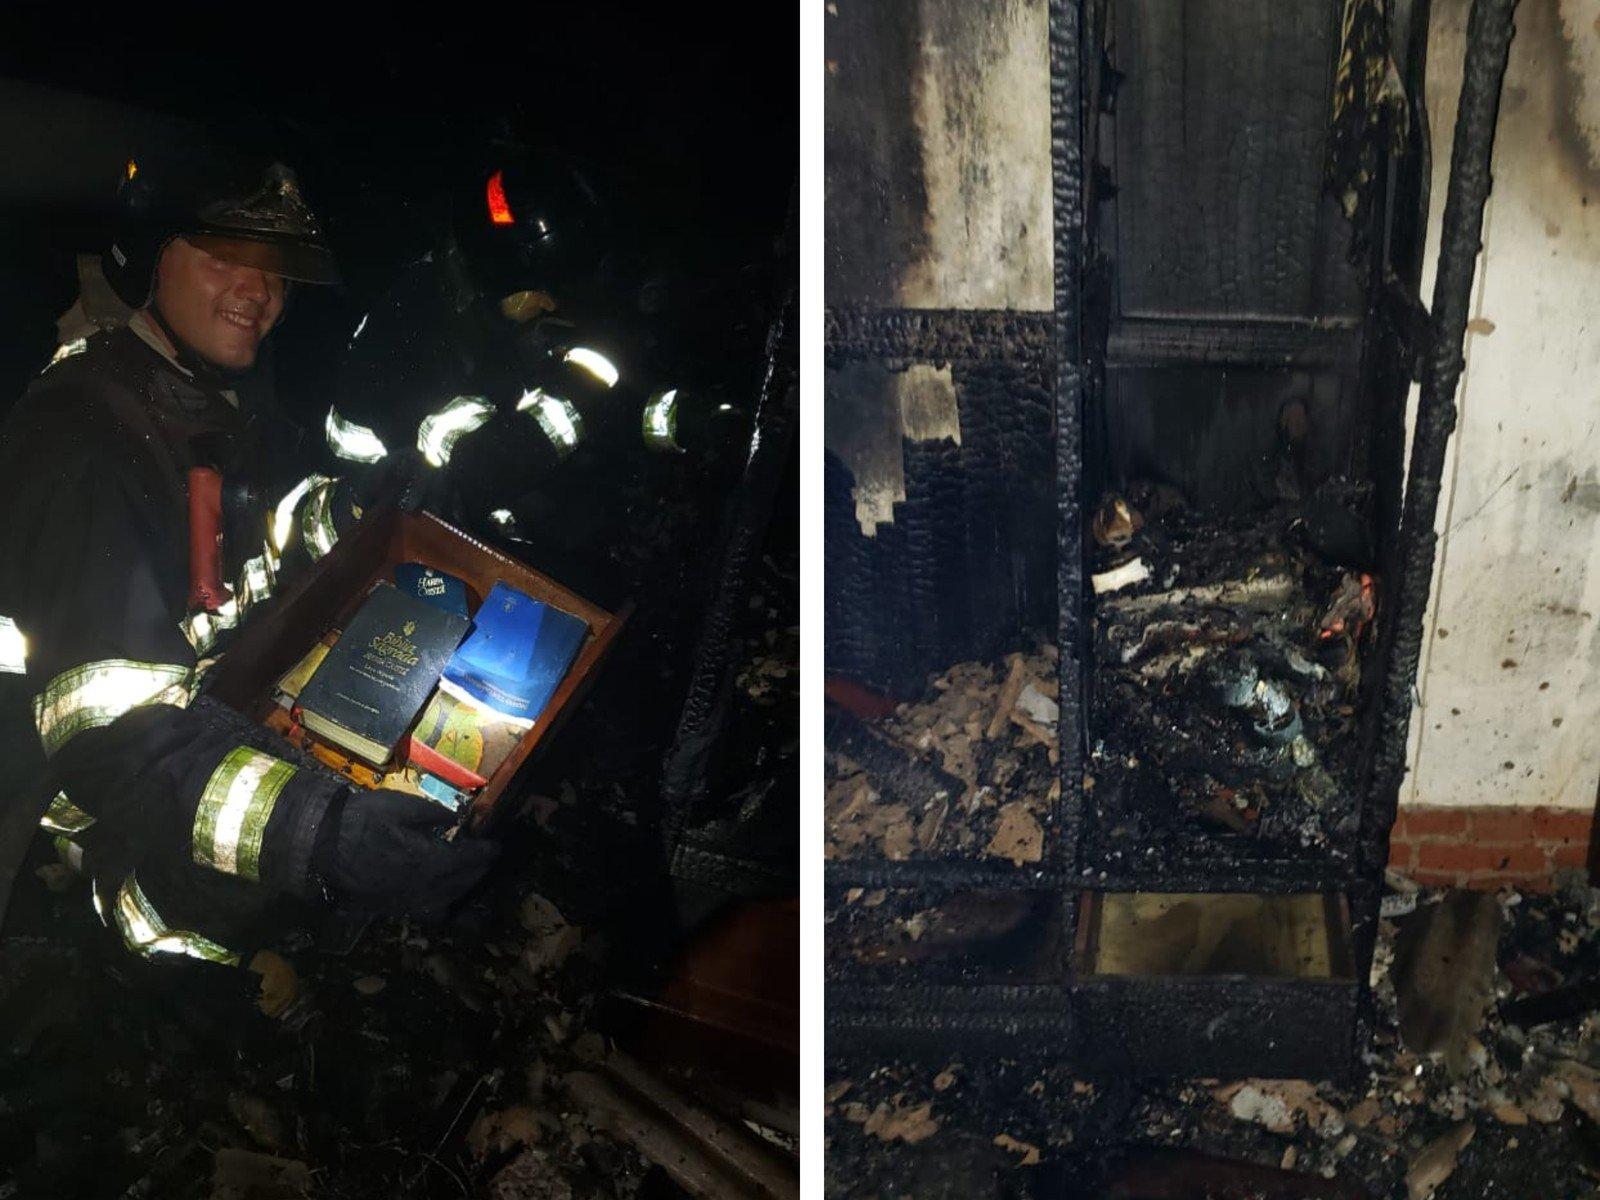 Bombeiros se surpreendem com Bíblia intacta em incêndio no interior de SP